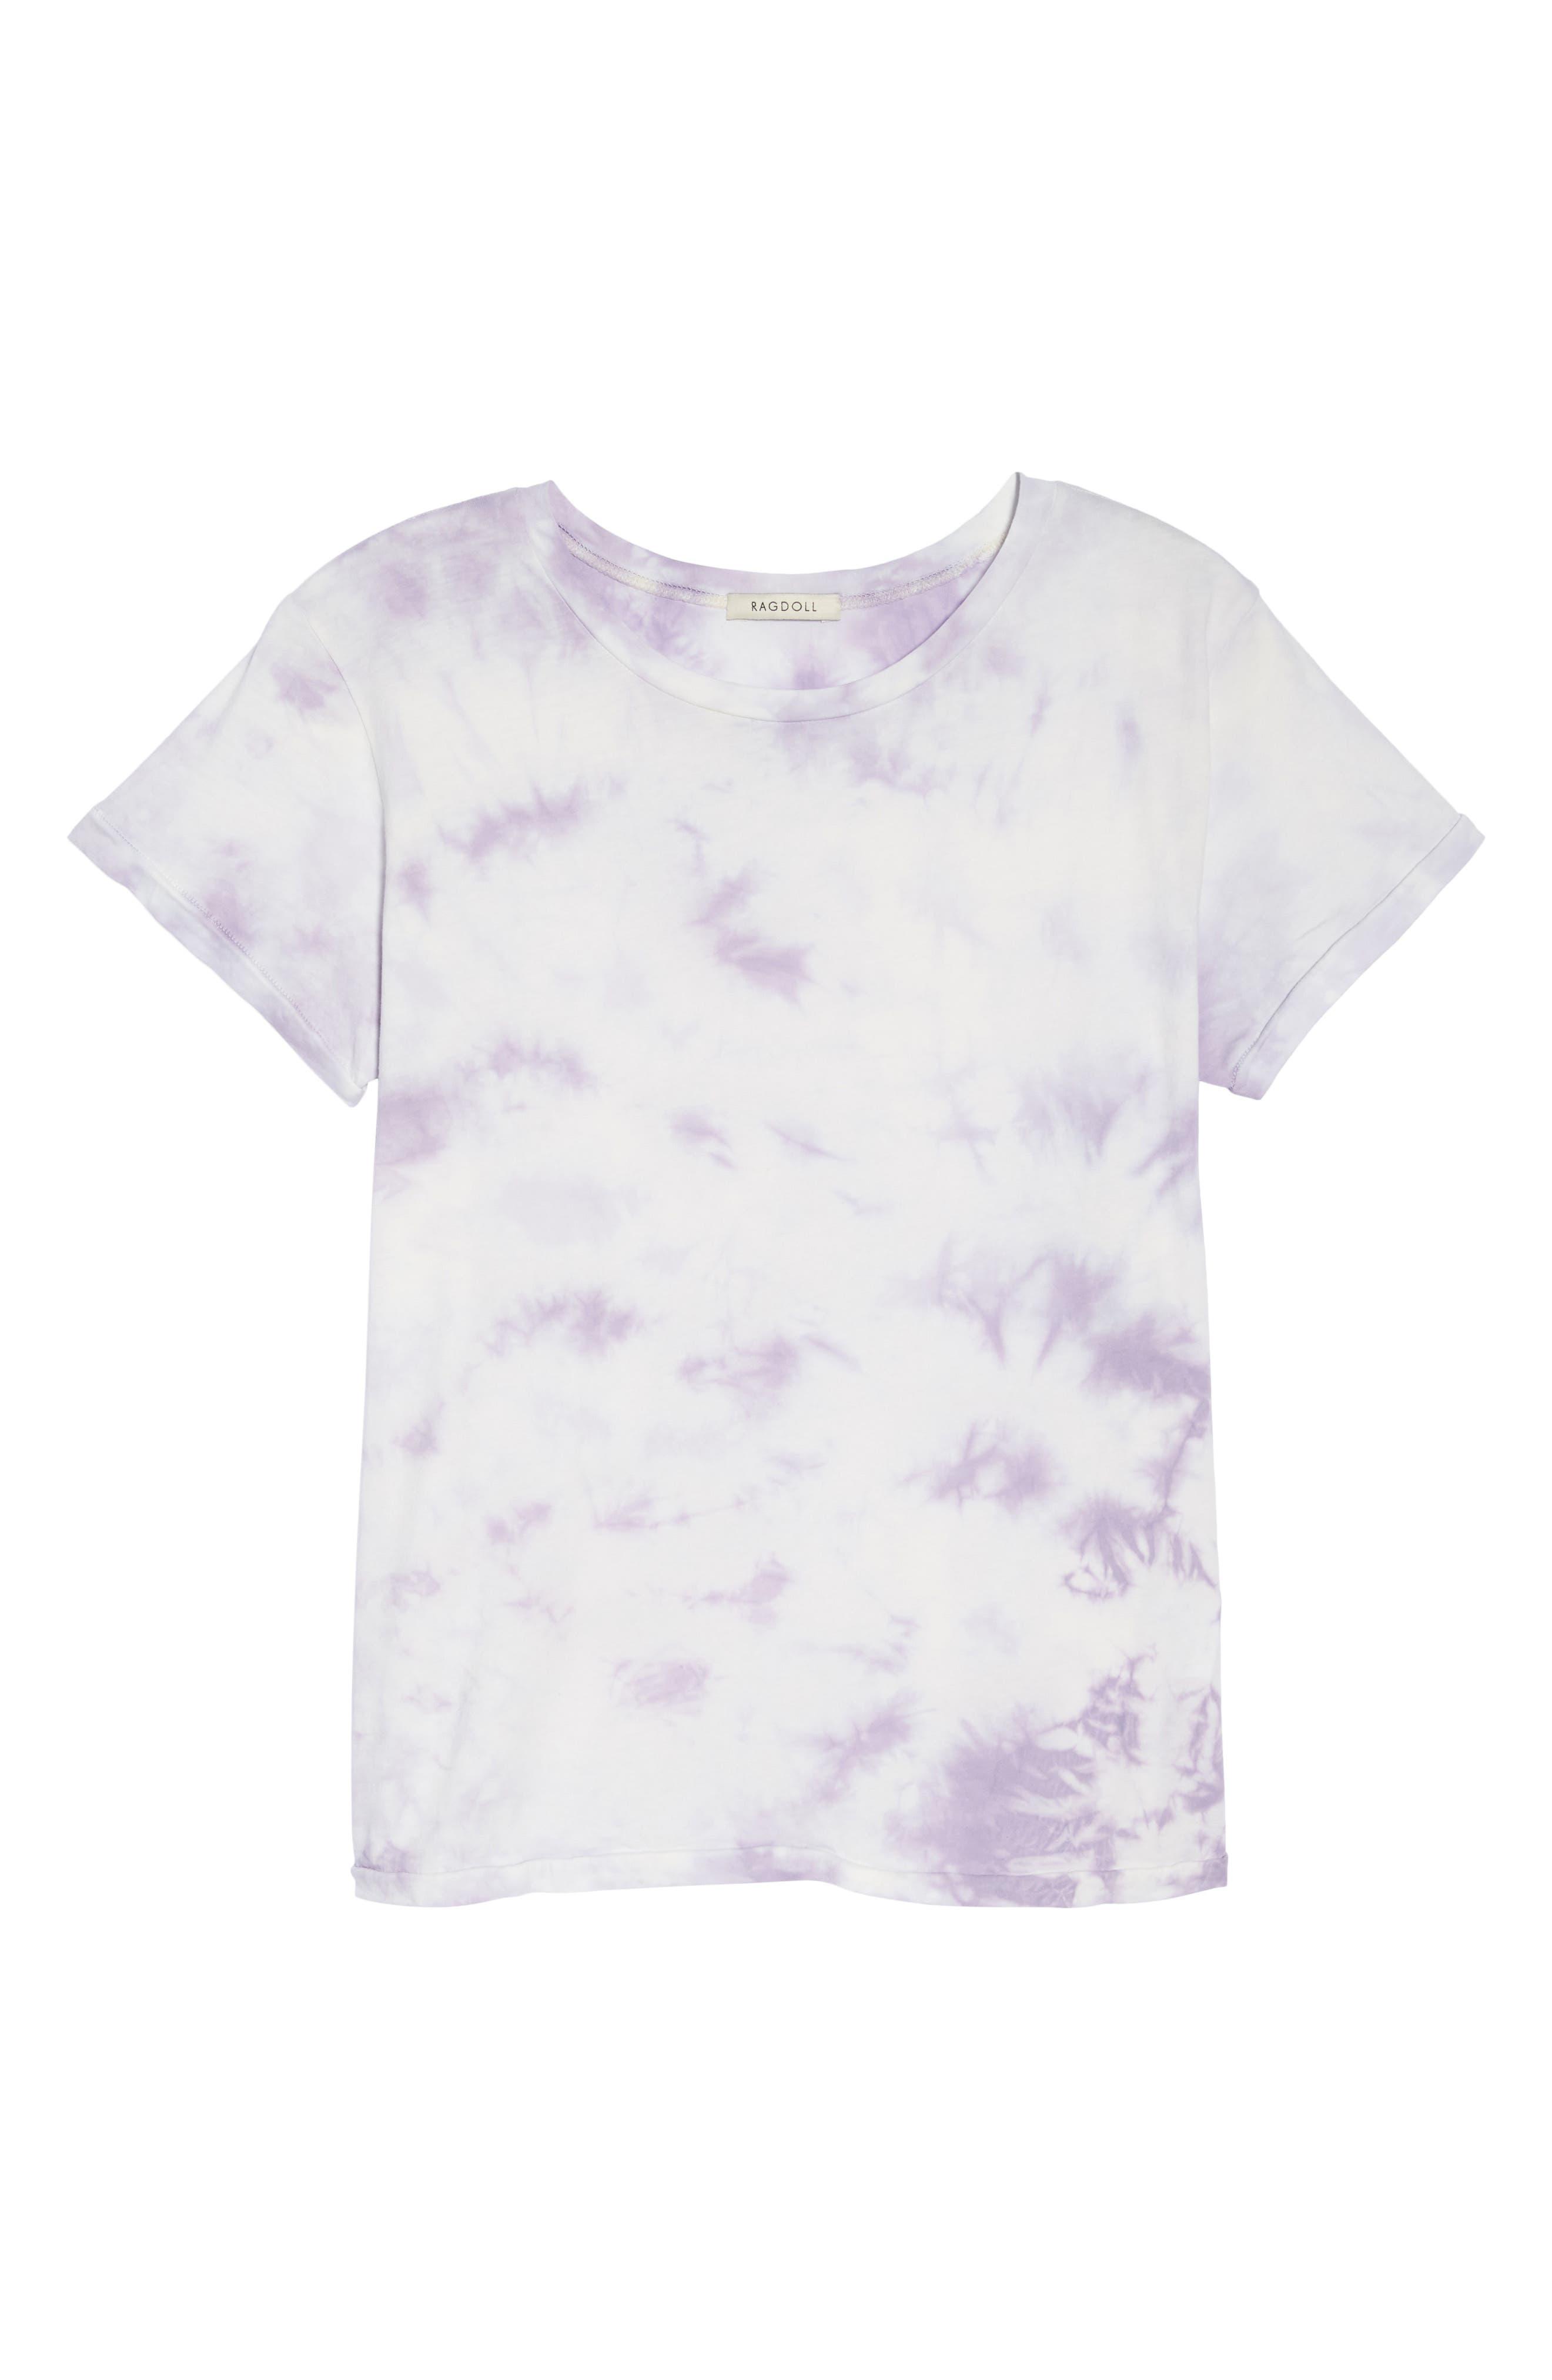 Tie Dye Tee,                             Alternate thumbnail 4, color,                             Lilac Tie Dye